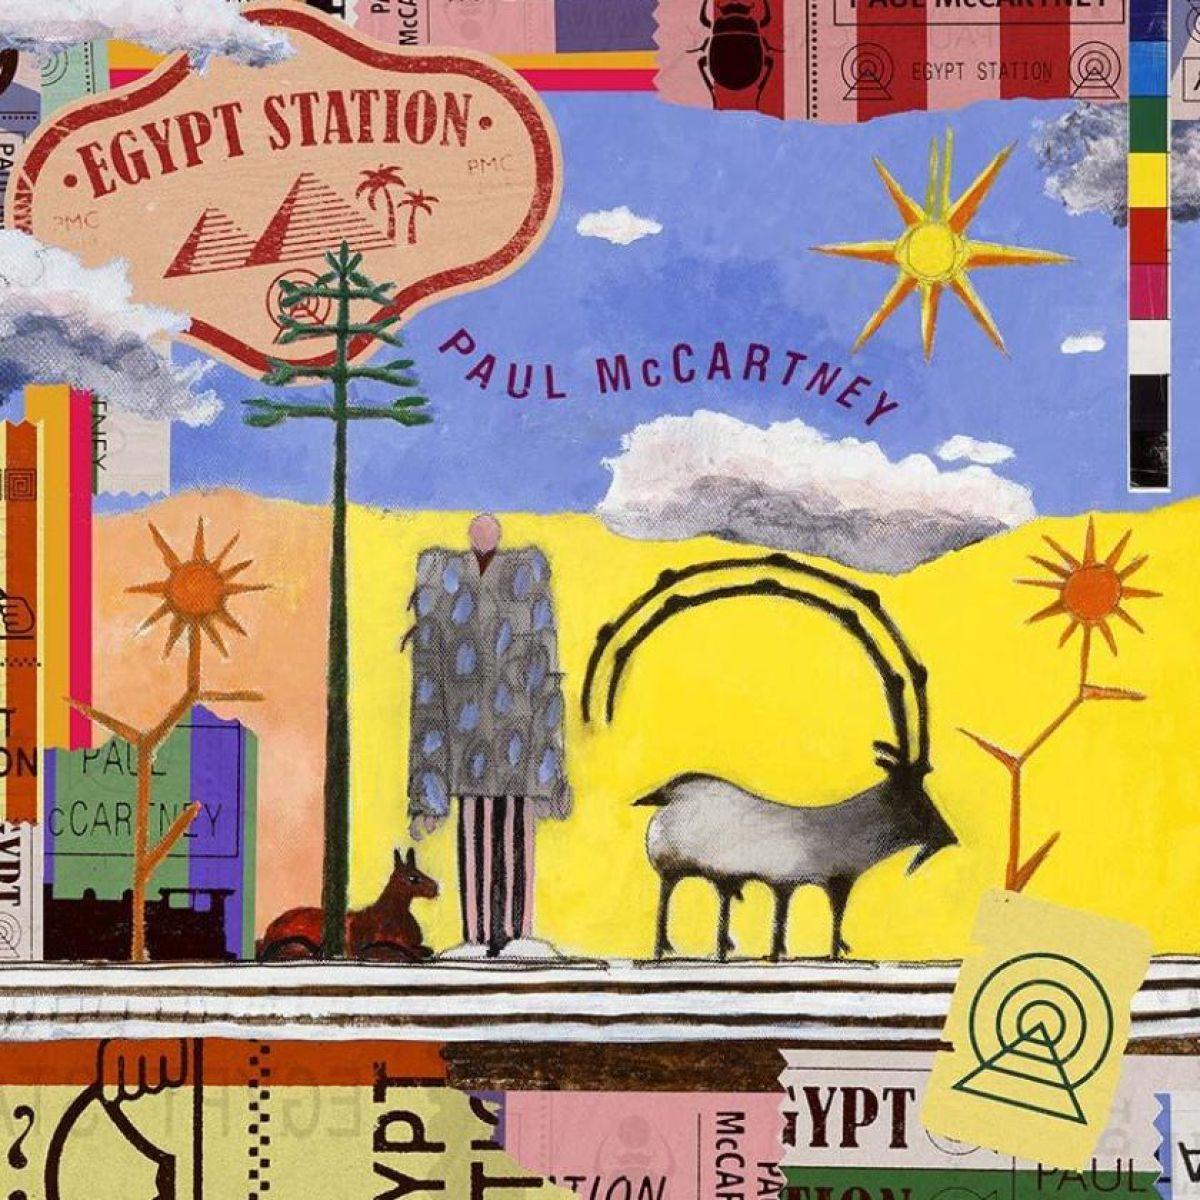 Paul McCartney: Egypt Station – pharaoh 'nuff effort from former Beatle